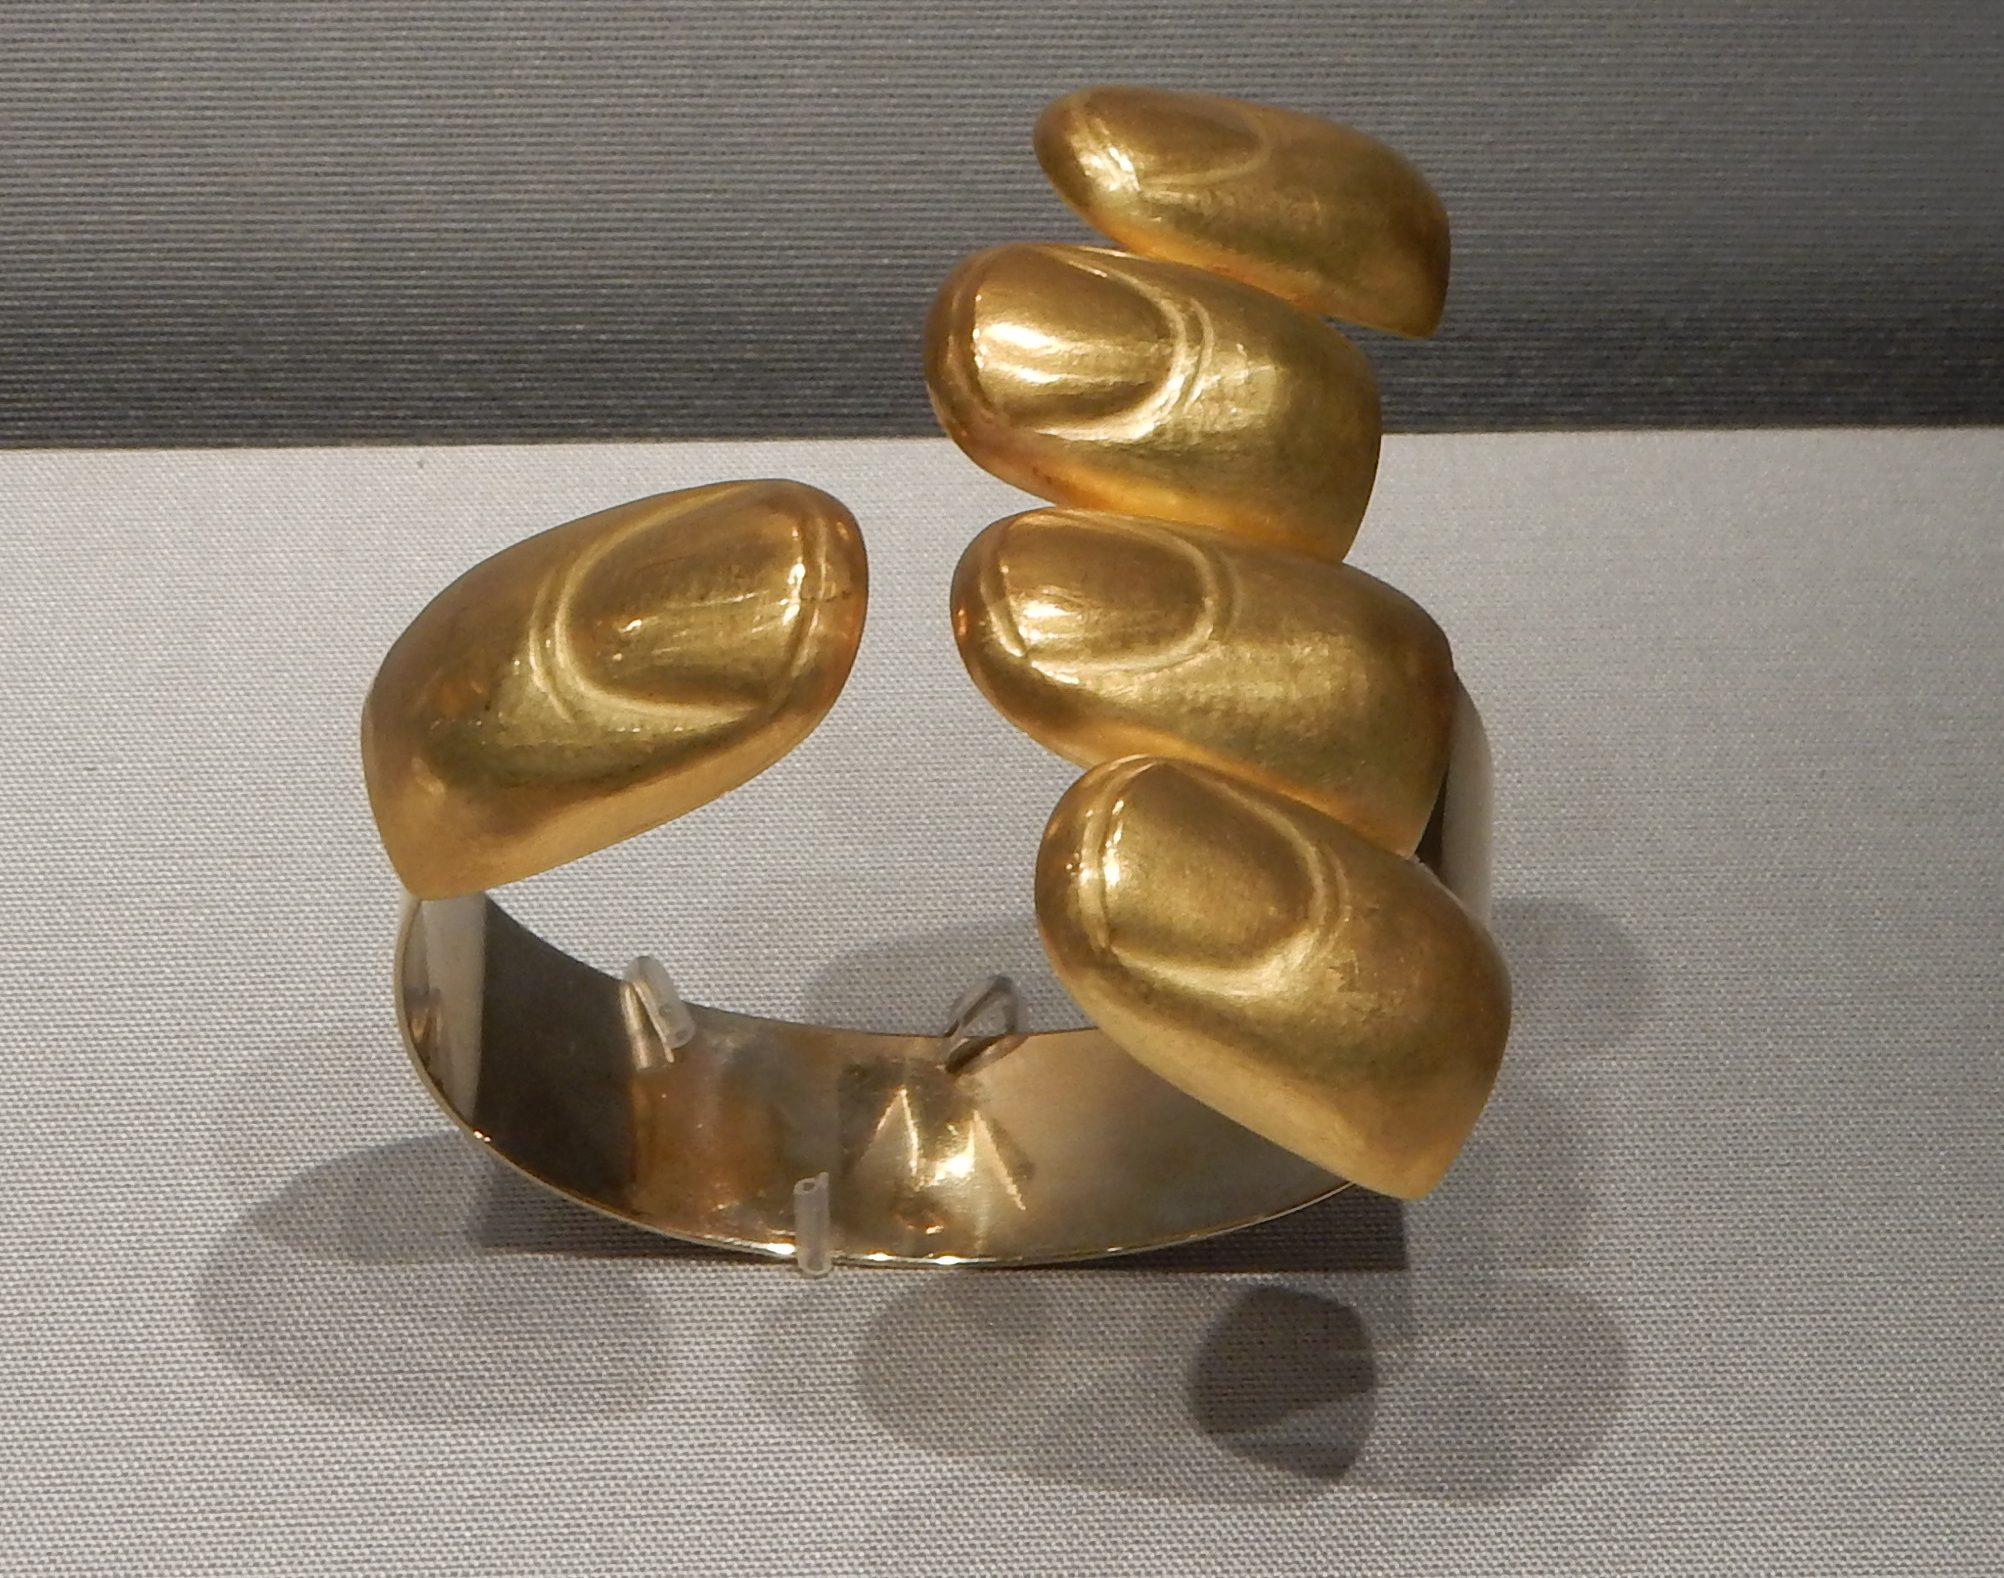 Bruno Martinazzi, Goldfinger, armband, 1969. Schmuckmuseum Pforzheim, september 2018. Foto met dank aan Coert Peter Krabbe, CC BY 4.0